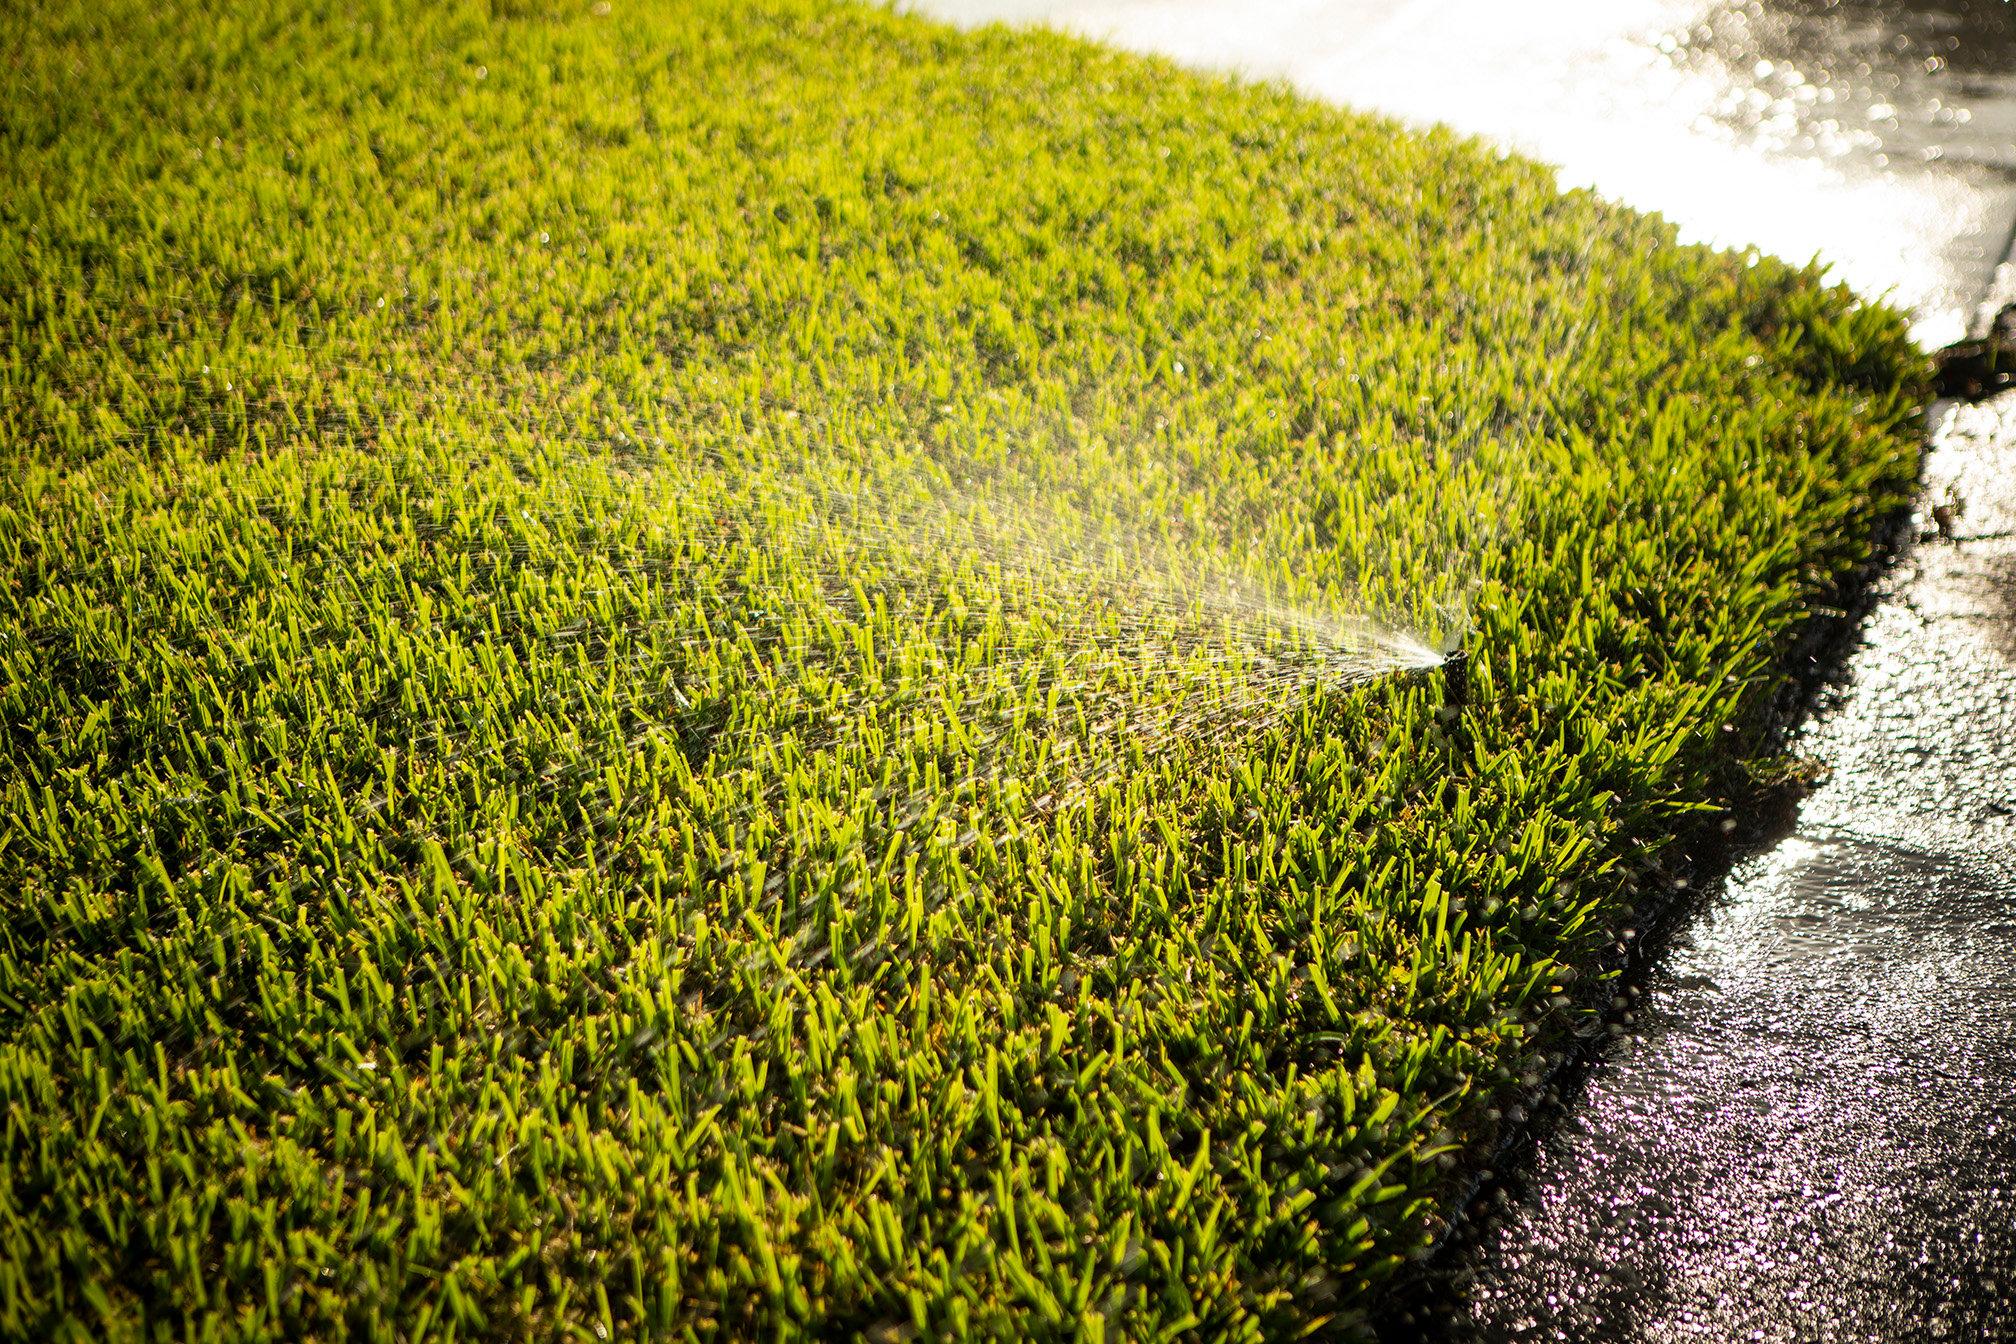 irrigation head spraying lawn in Florida